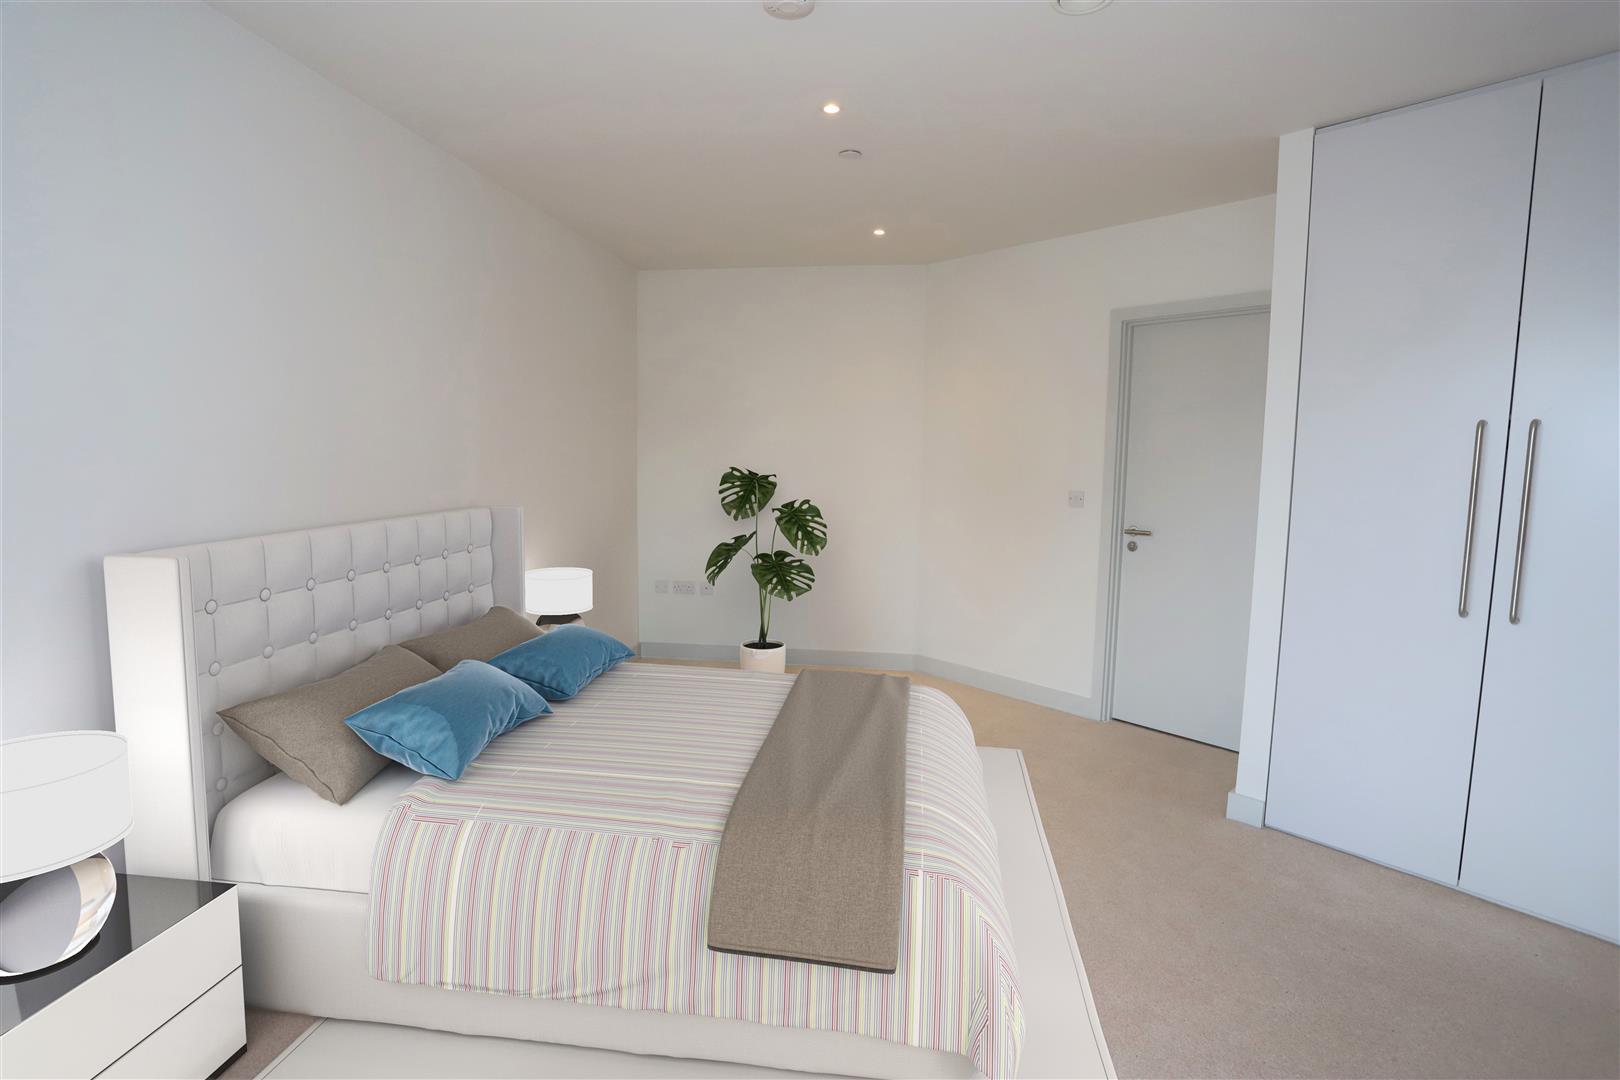 bedroom 2 furnished.jpg